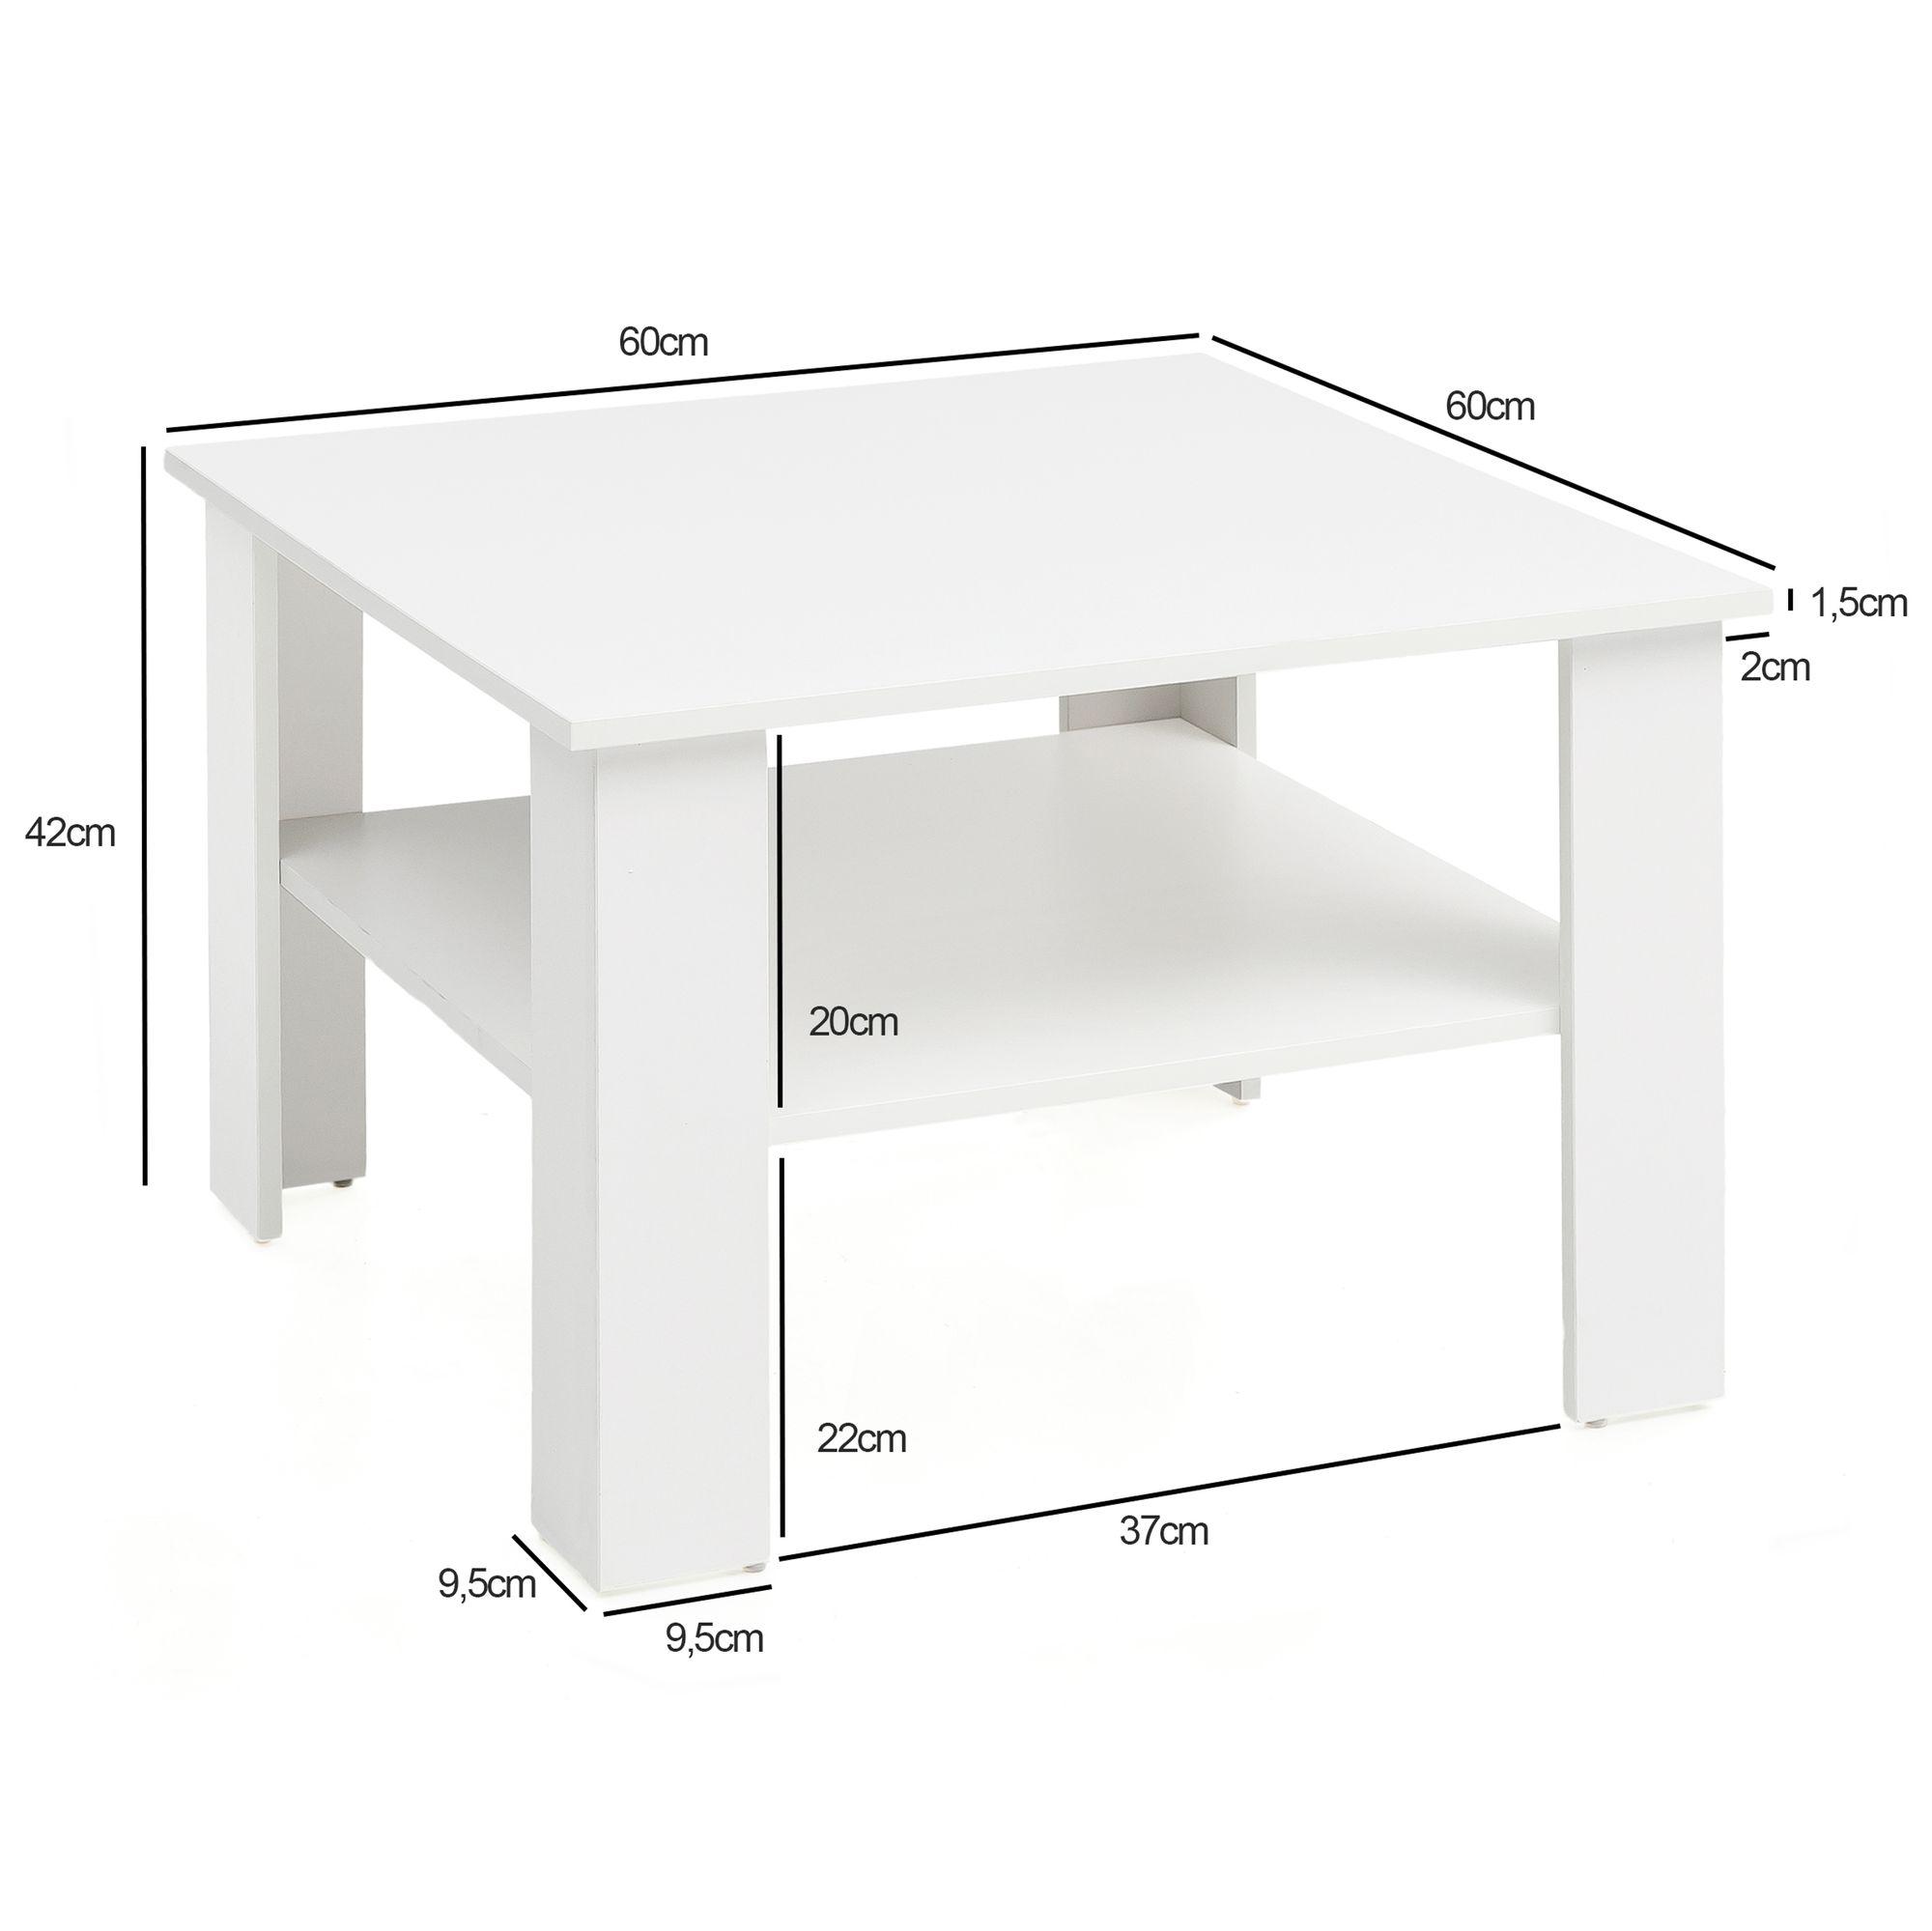 Finebuy Couchtisch Sv51868 Tisch Holz 60x42x60cm Wohnzimmertisch Sofatisch Klein